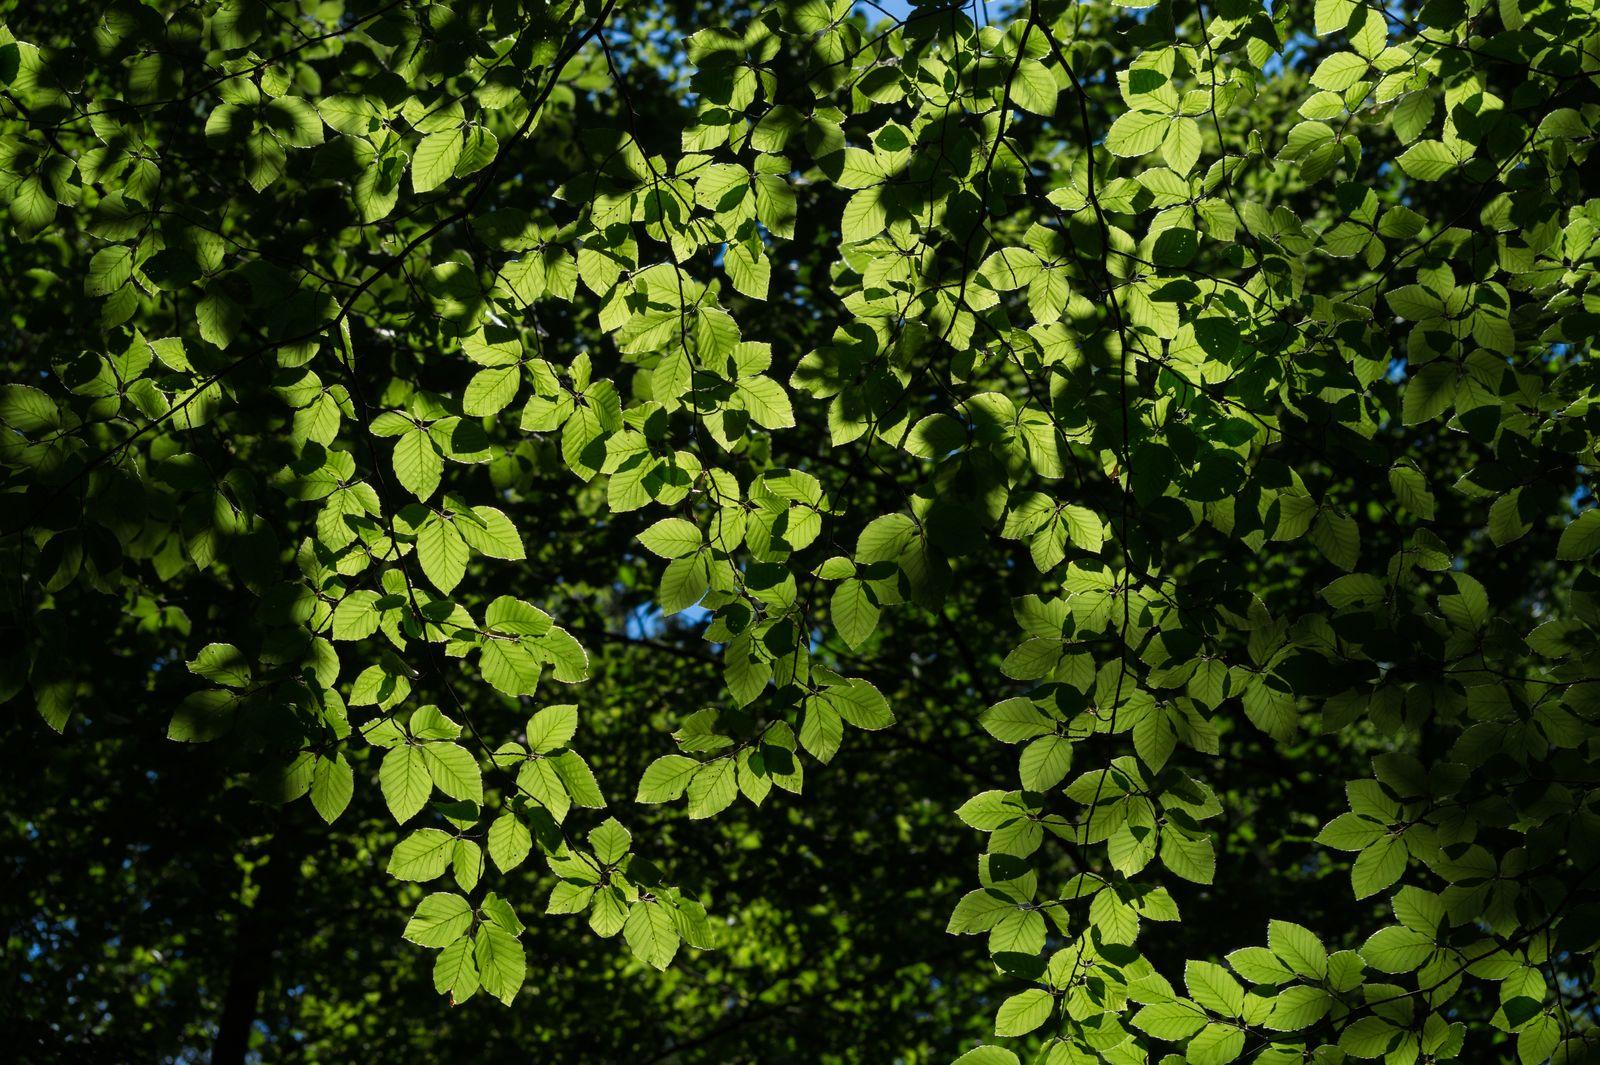 Full Frame Image Of Leaves On Tree